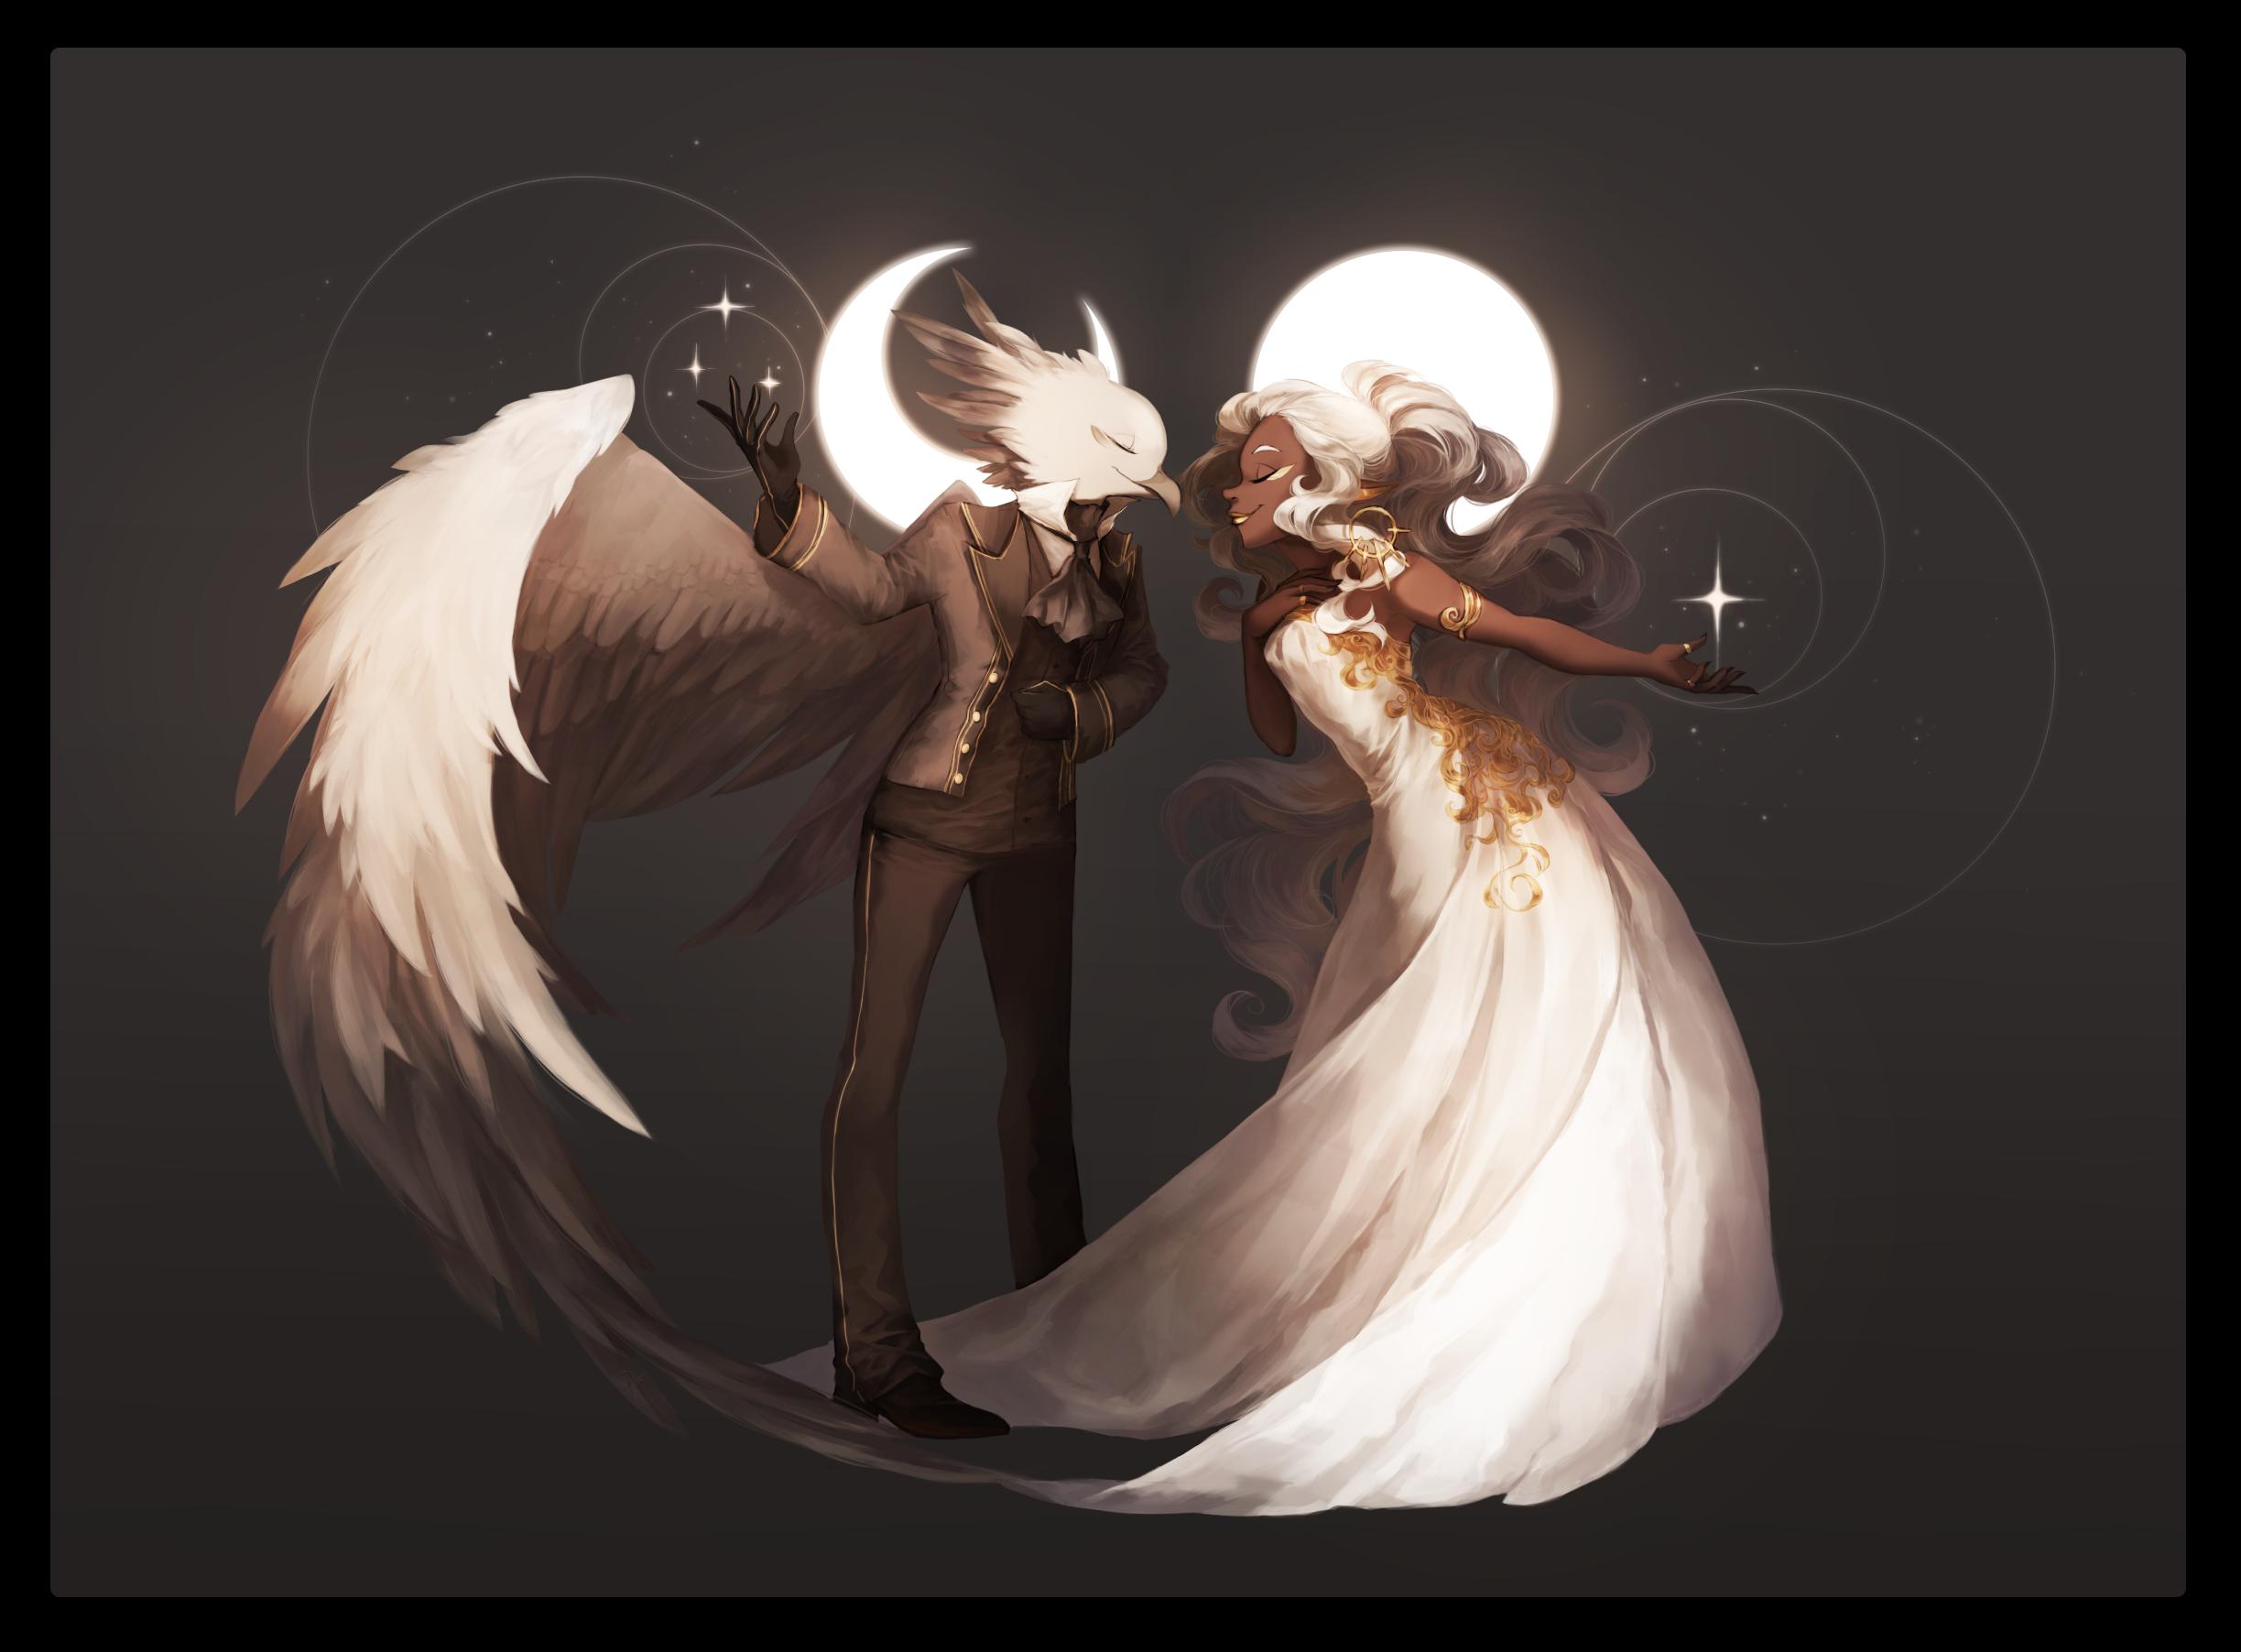 Moondance by Belkovich